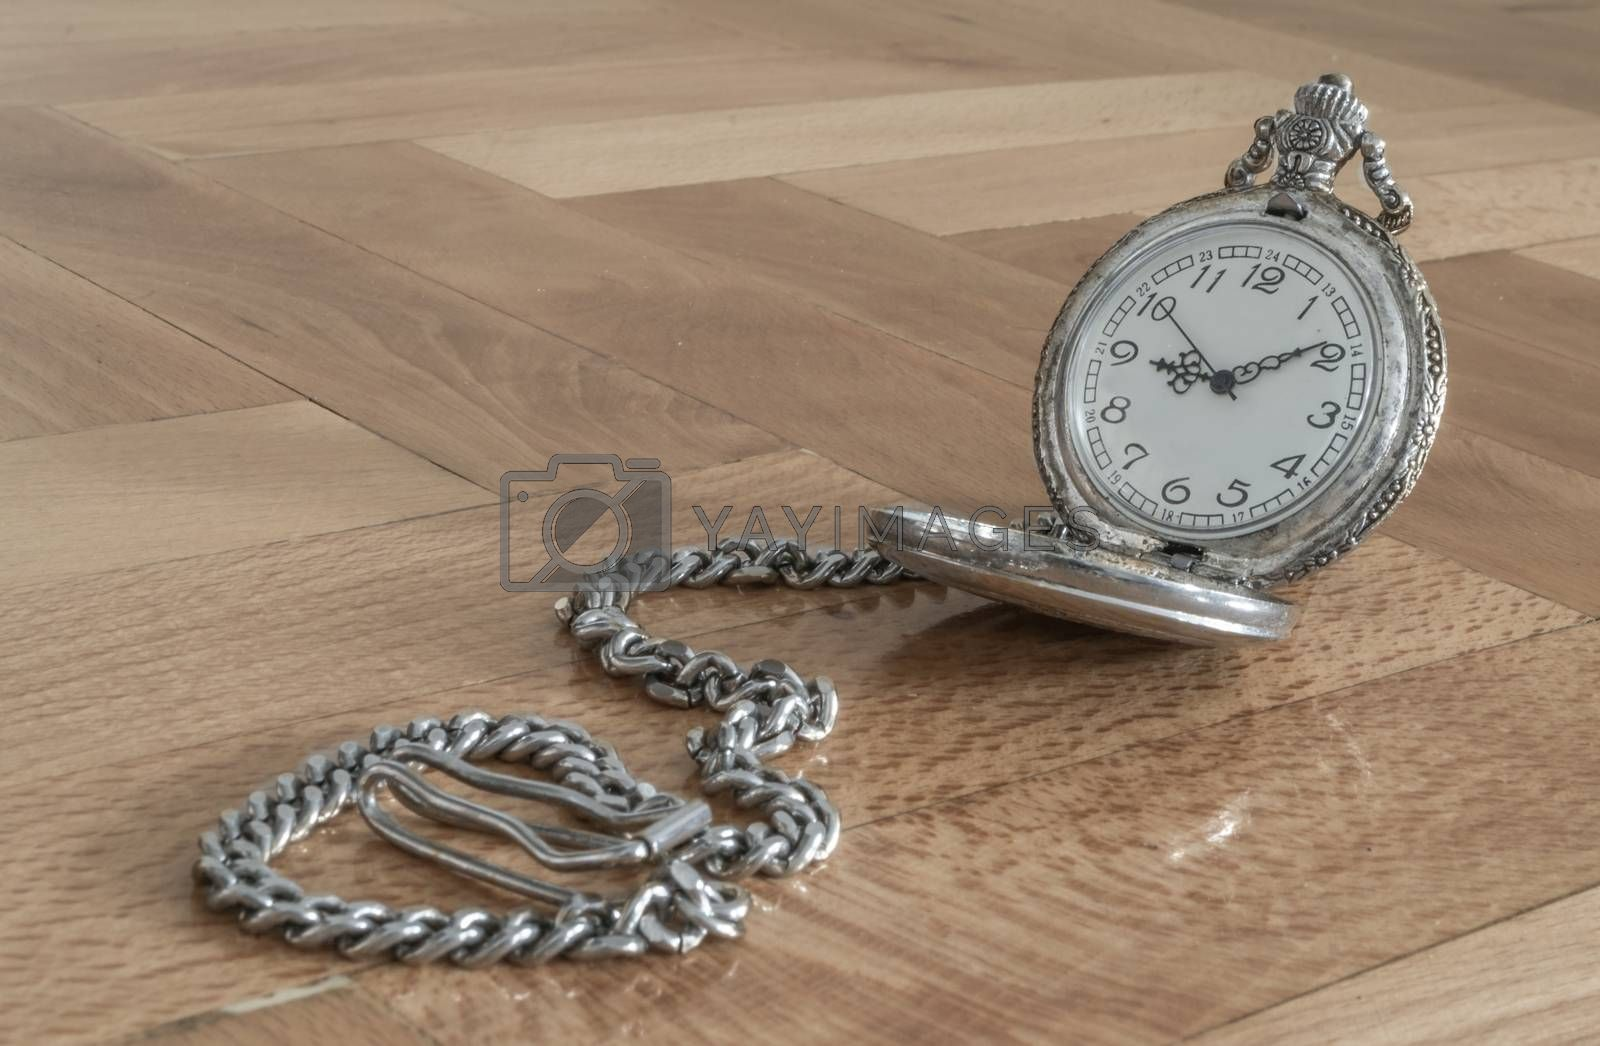 Royalty free image of Pocket watch by viktor.micevski@rocketmail.com